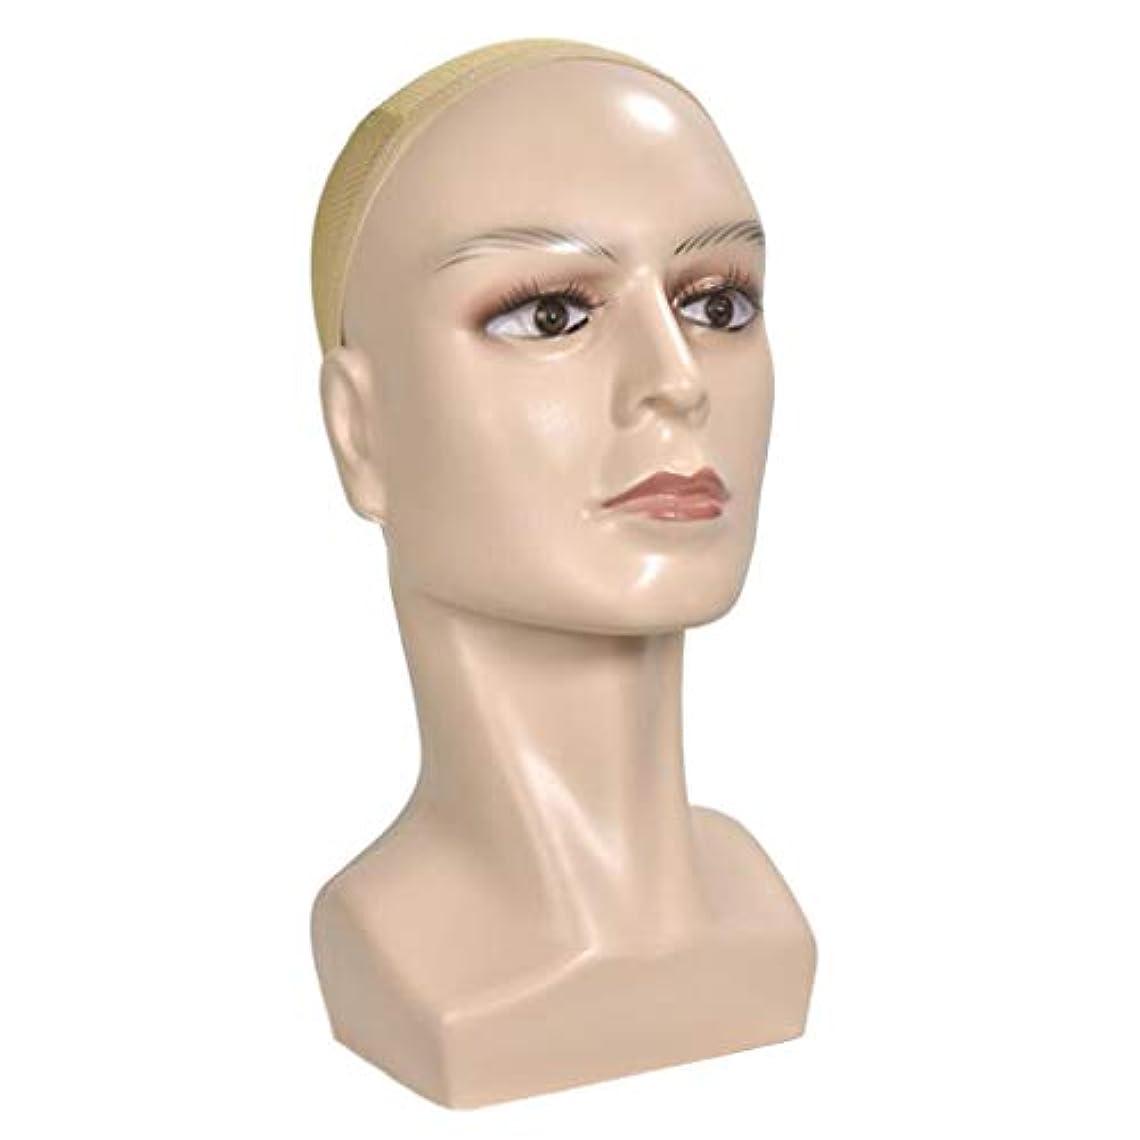 枯渇しょっぱいイデオロギーCUTICATE マネキンヘッド ディスプレイ メイクトレーニング 化粧 美容 店舗 自宅 サロン 全2色 - 肌の色